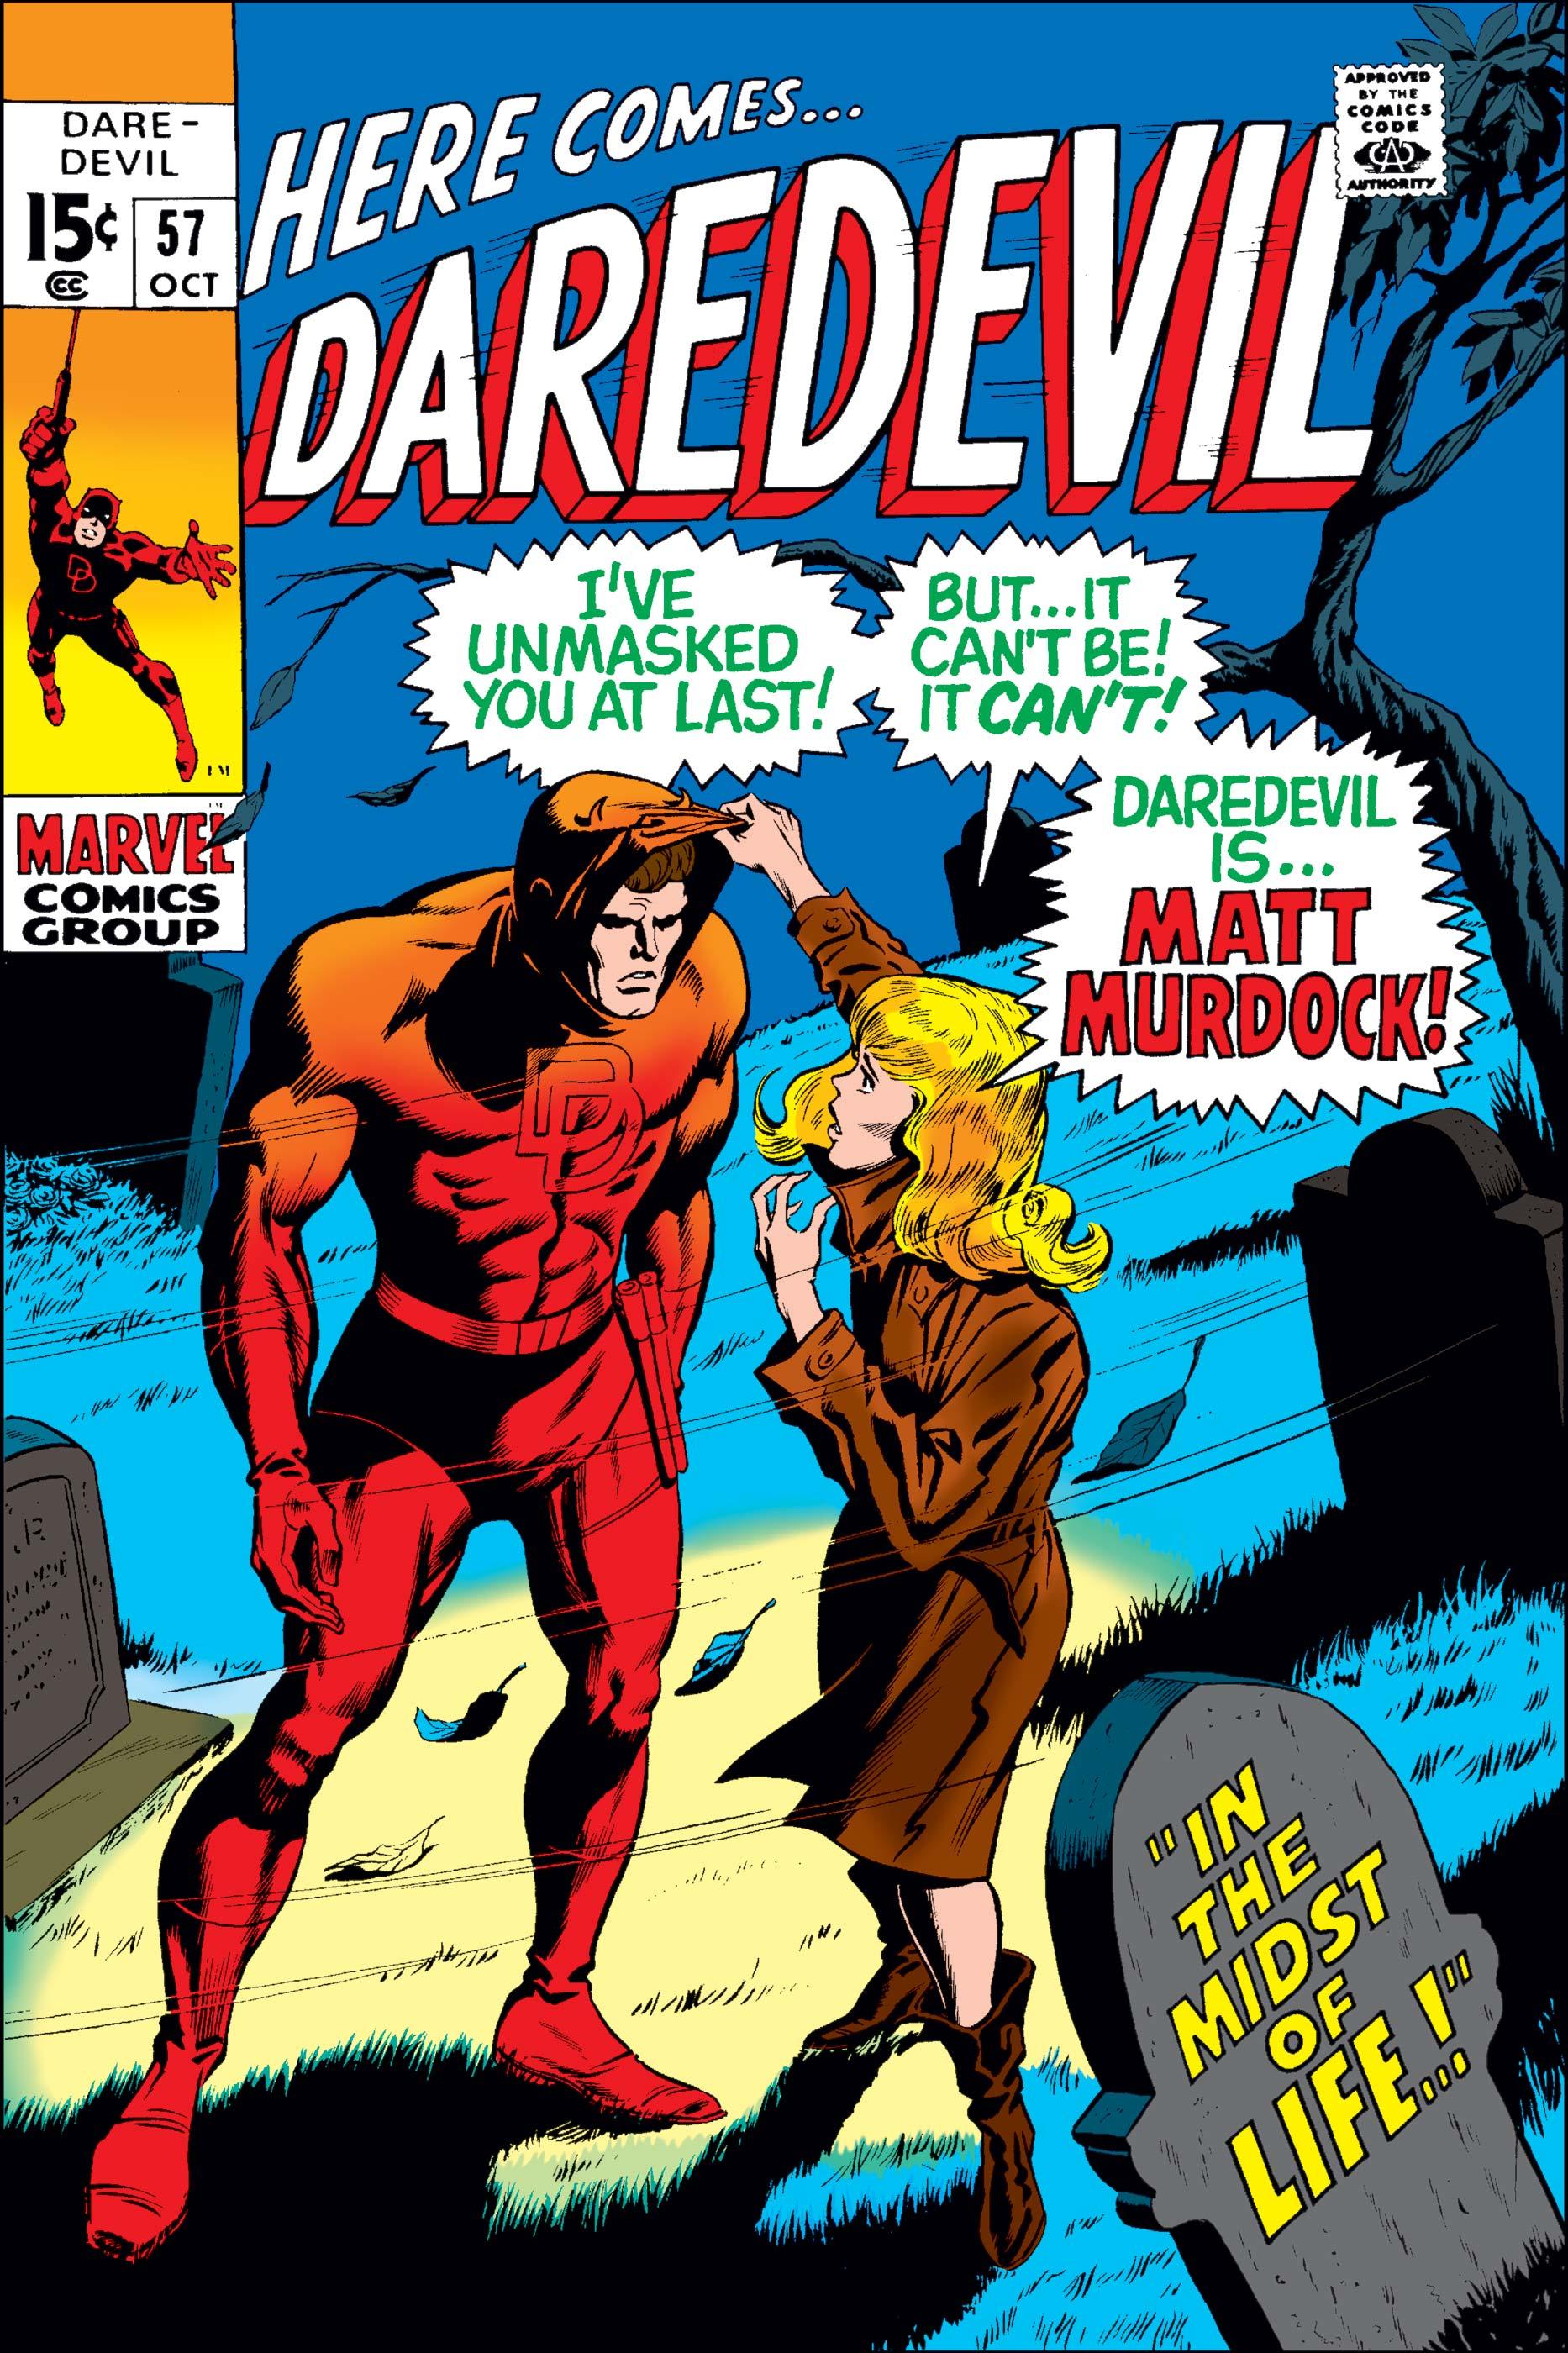 Daredevil (1964) #57